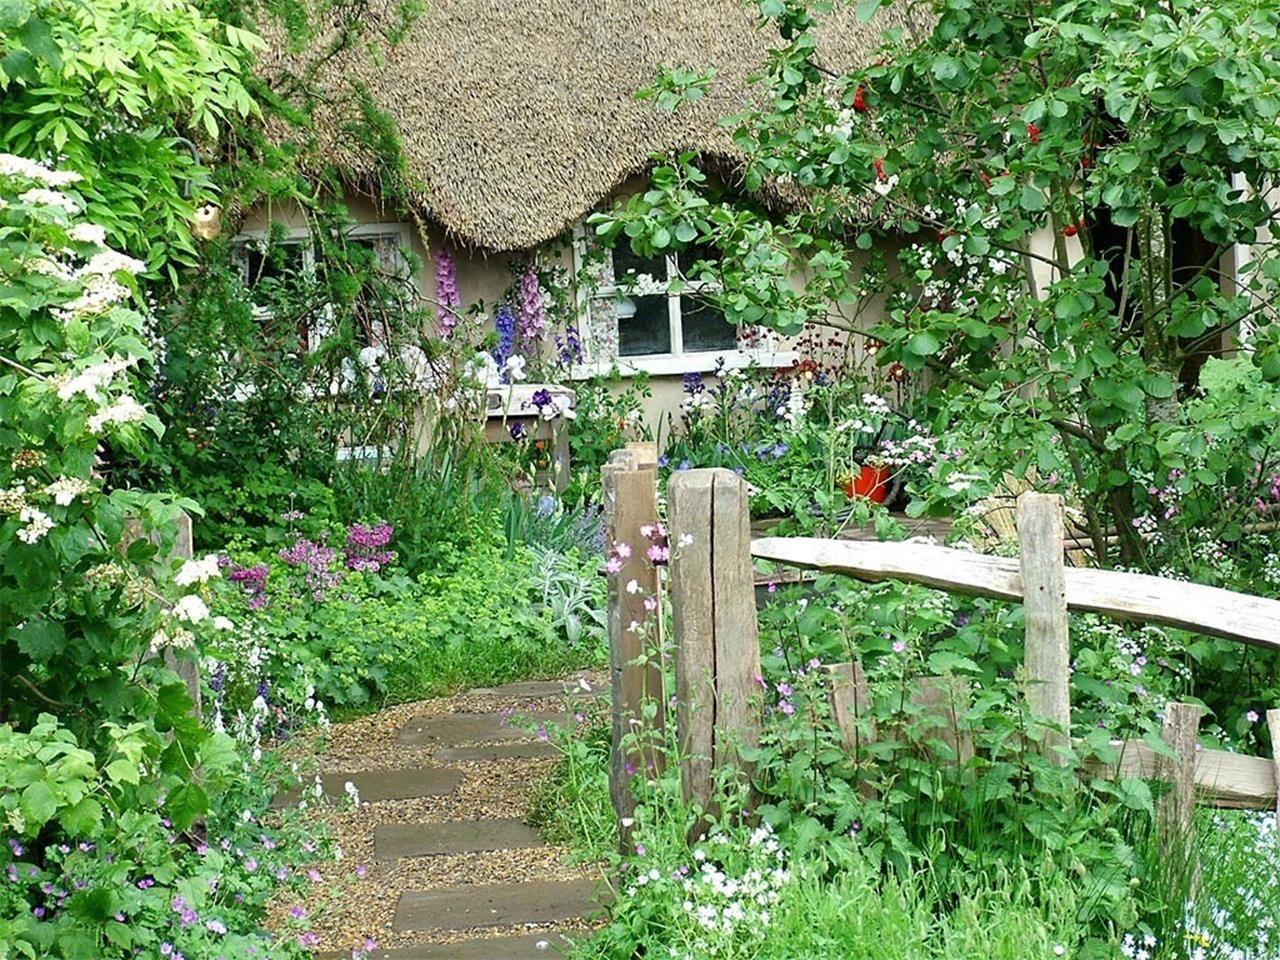 Cottage garden landscape design ideas   Stunning Country Cottage Gardens Ideas  Garden ideas Gardens